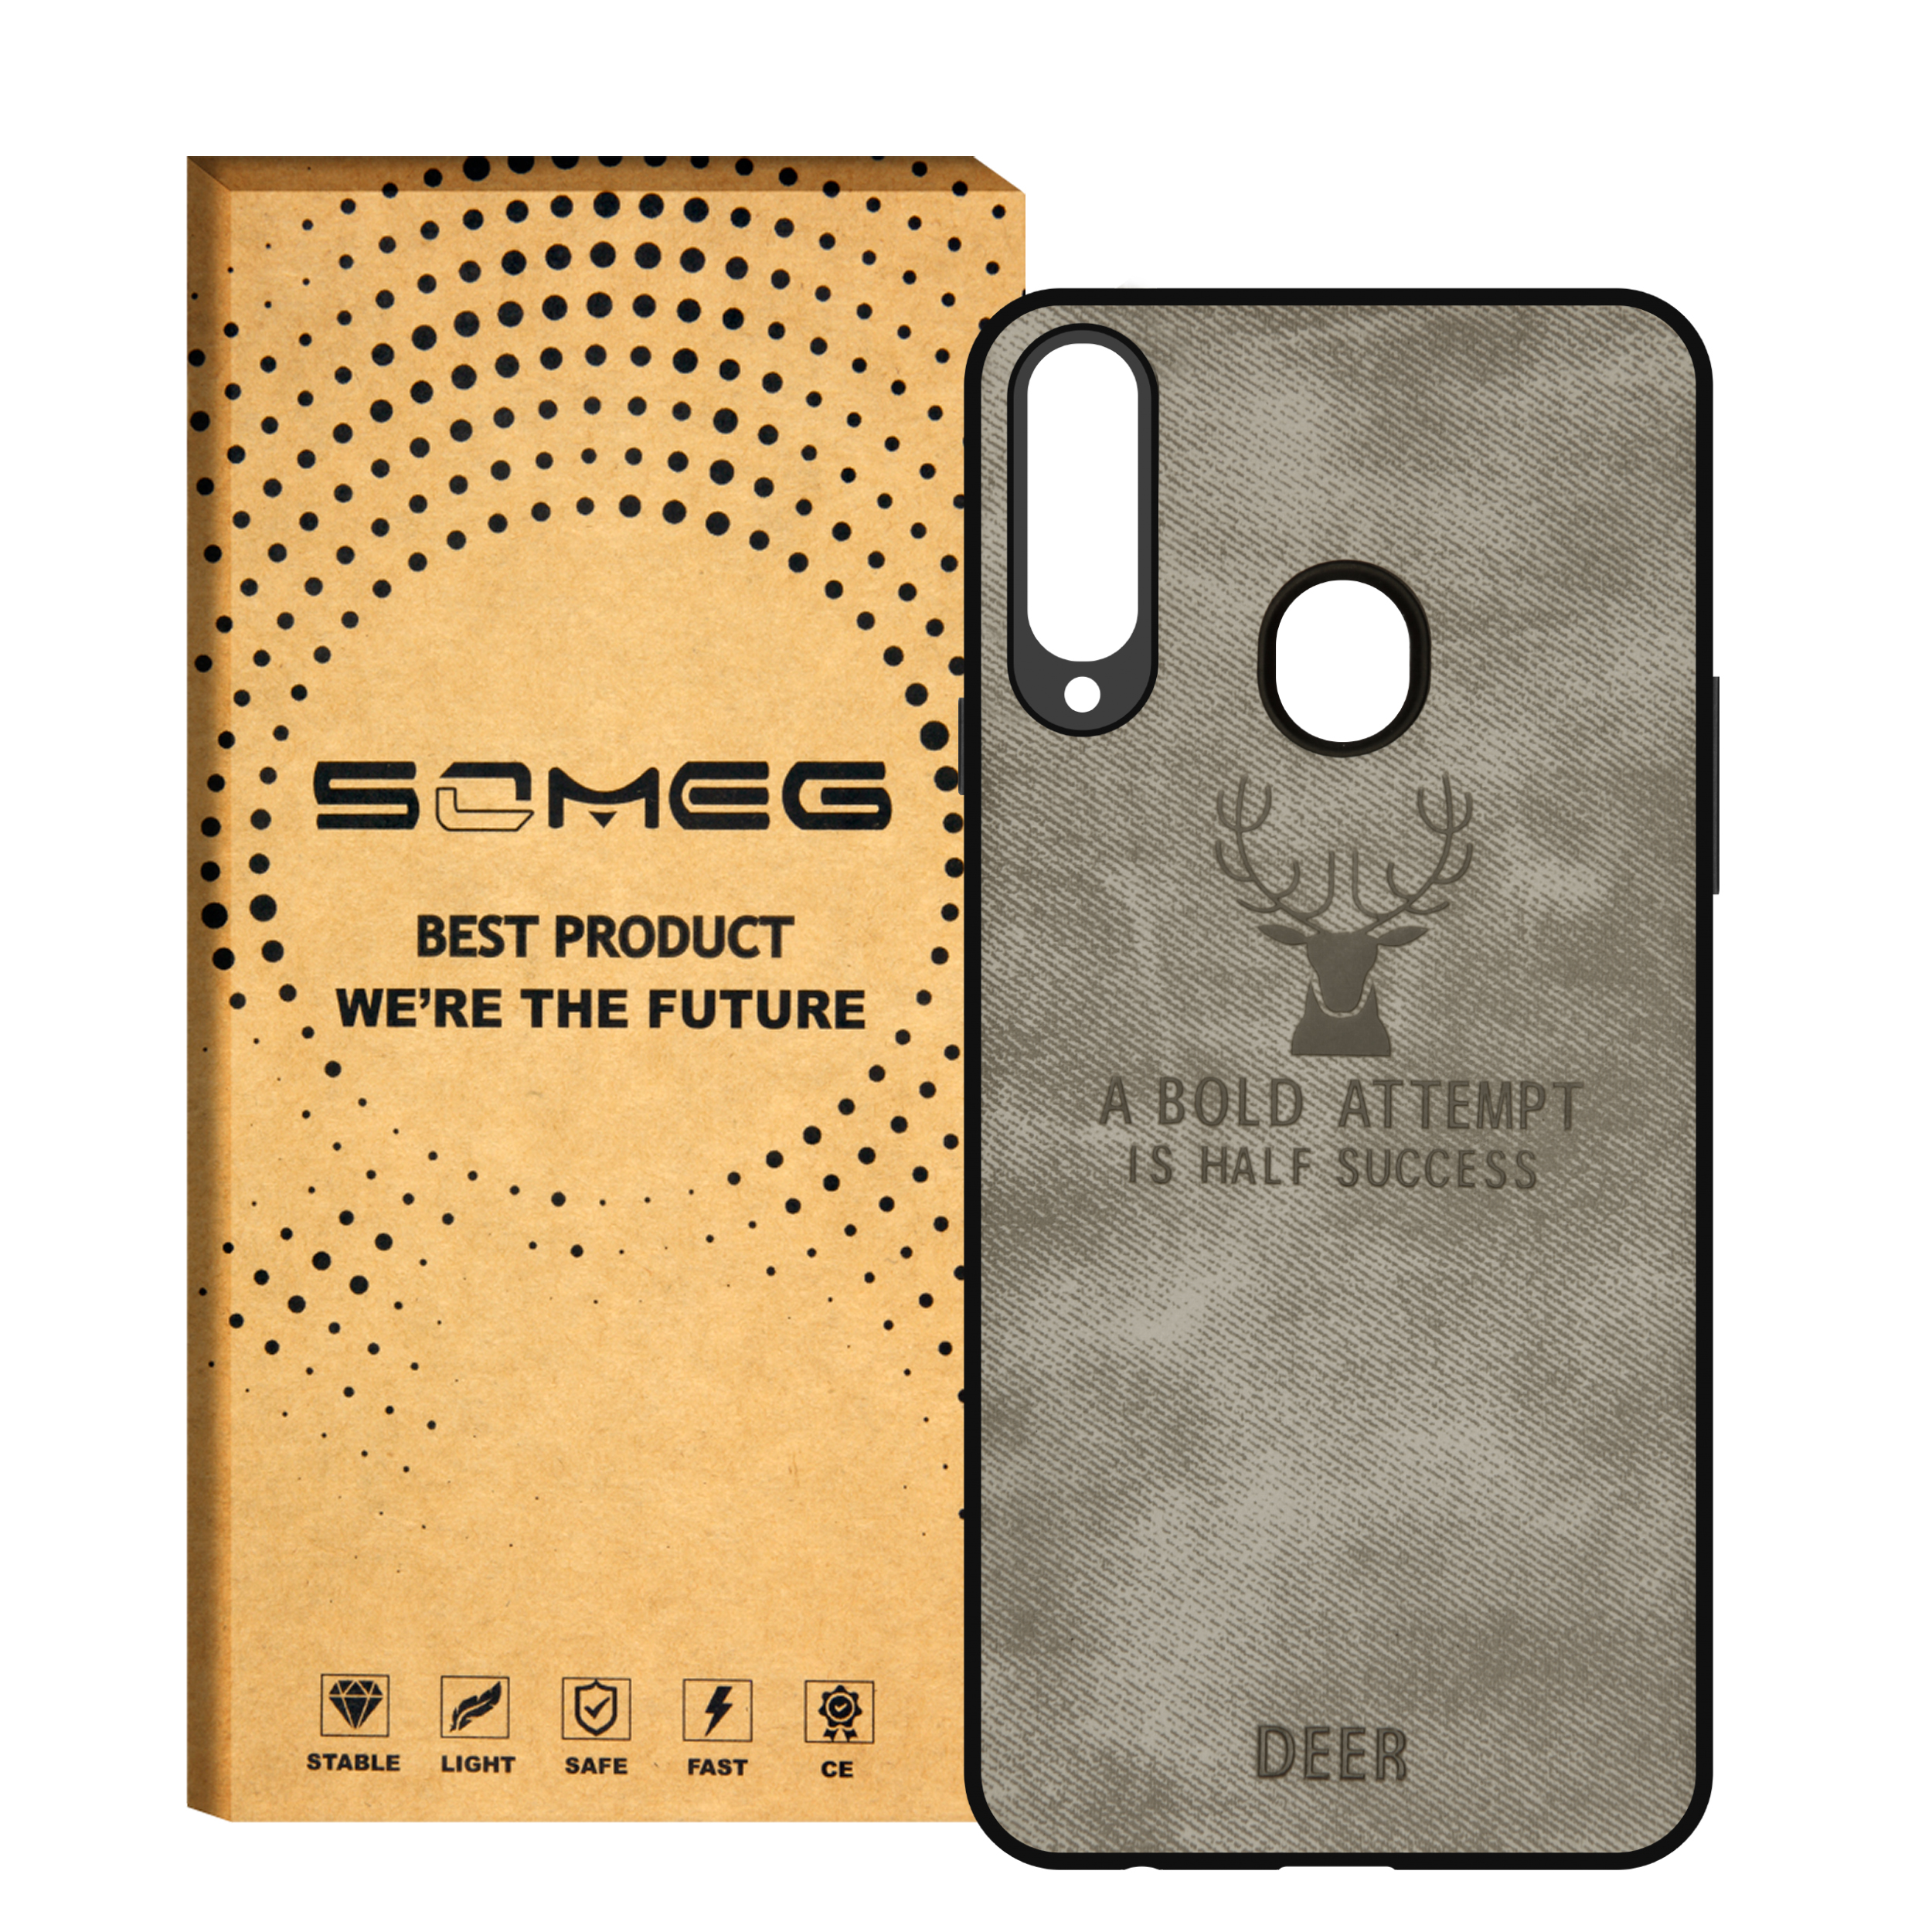 کاور سومگ مدل SMG-Der02 مناسب برای گوشی موبایل سامسونگ Galaxy A20s              ( قیمت و خرید)